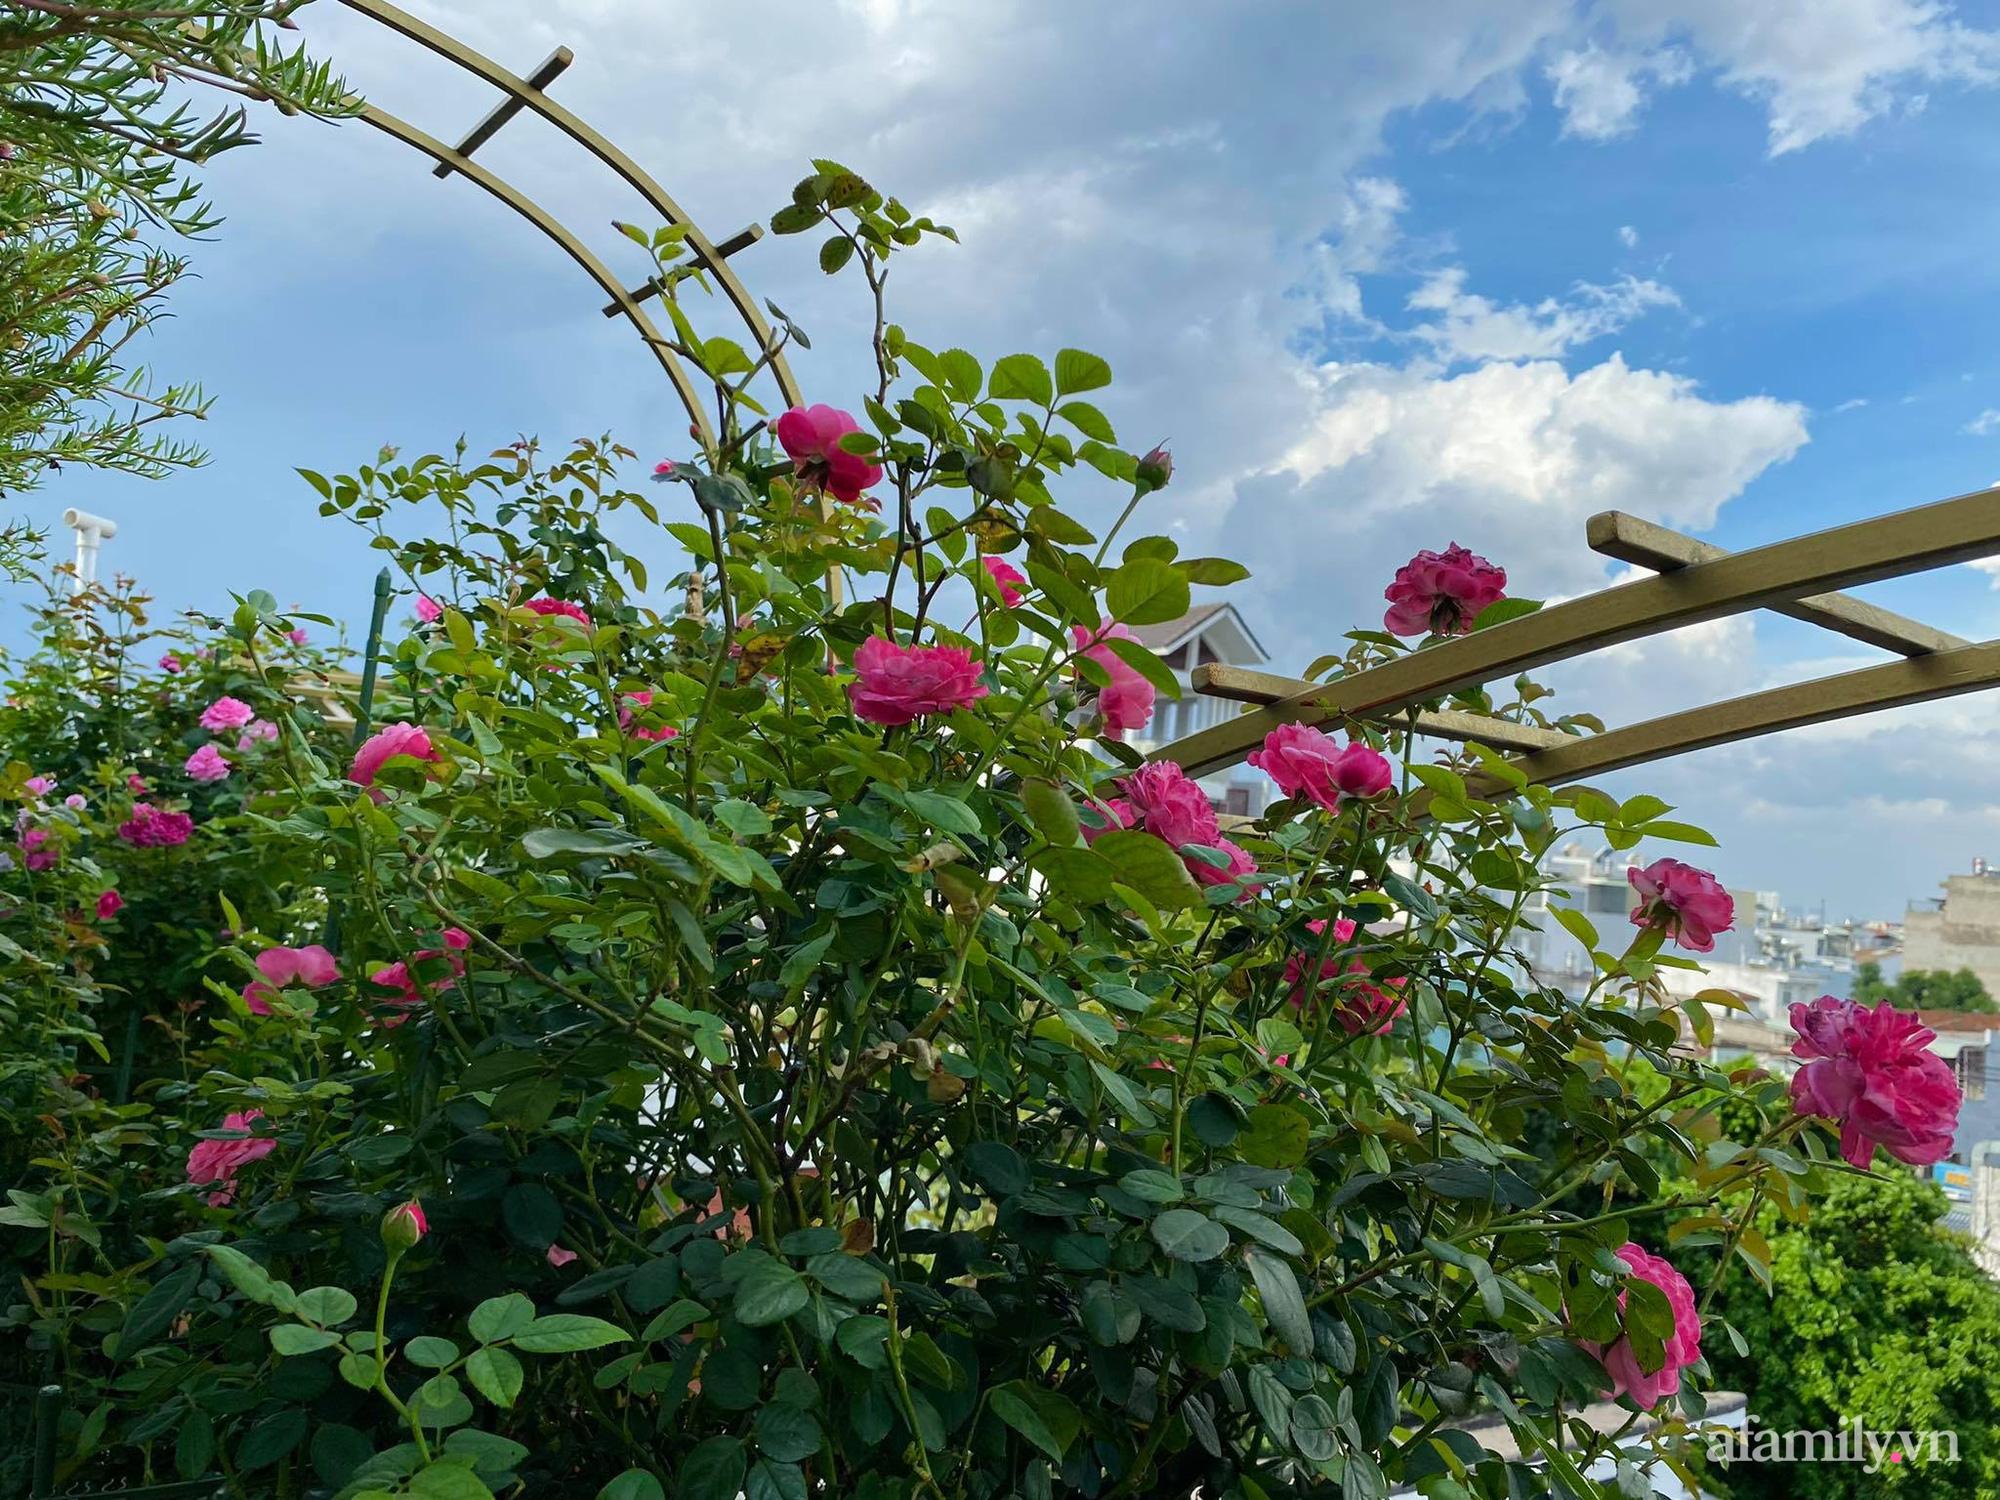 Sân thượng phủ kín hoa hồng và rau quả sạch ở Sài Gòn của Hoa hậu Janny Thủy Trần-16